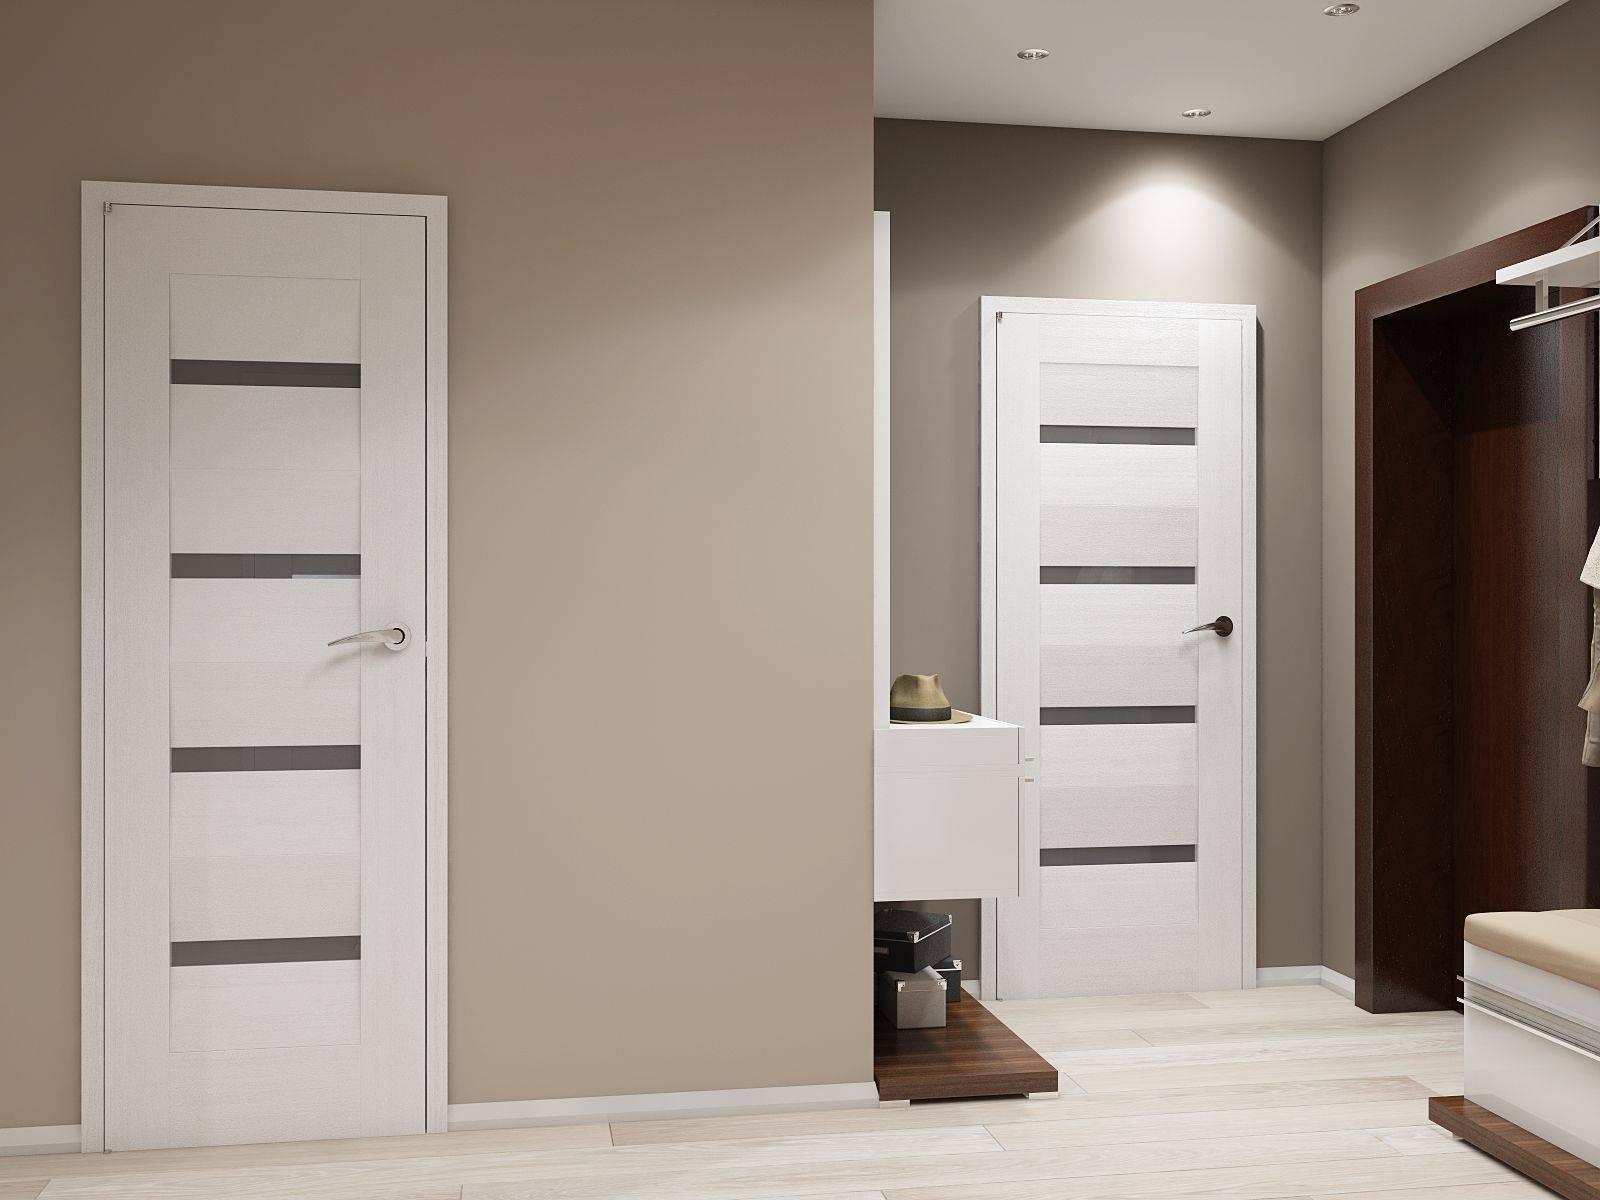 Лучшие советы от дизайнеров интерьера - как сделать дом светлее?